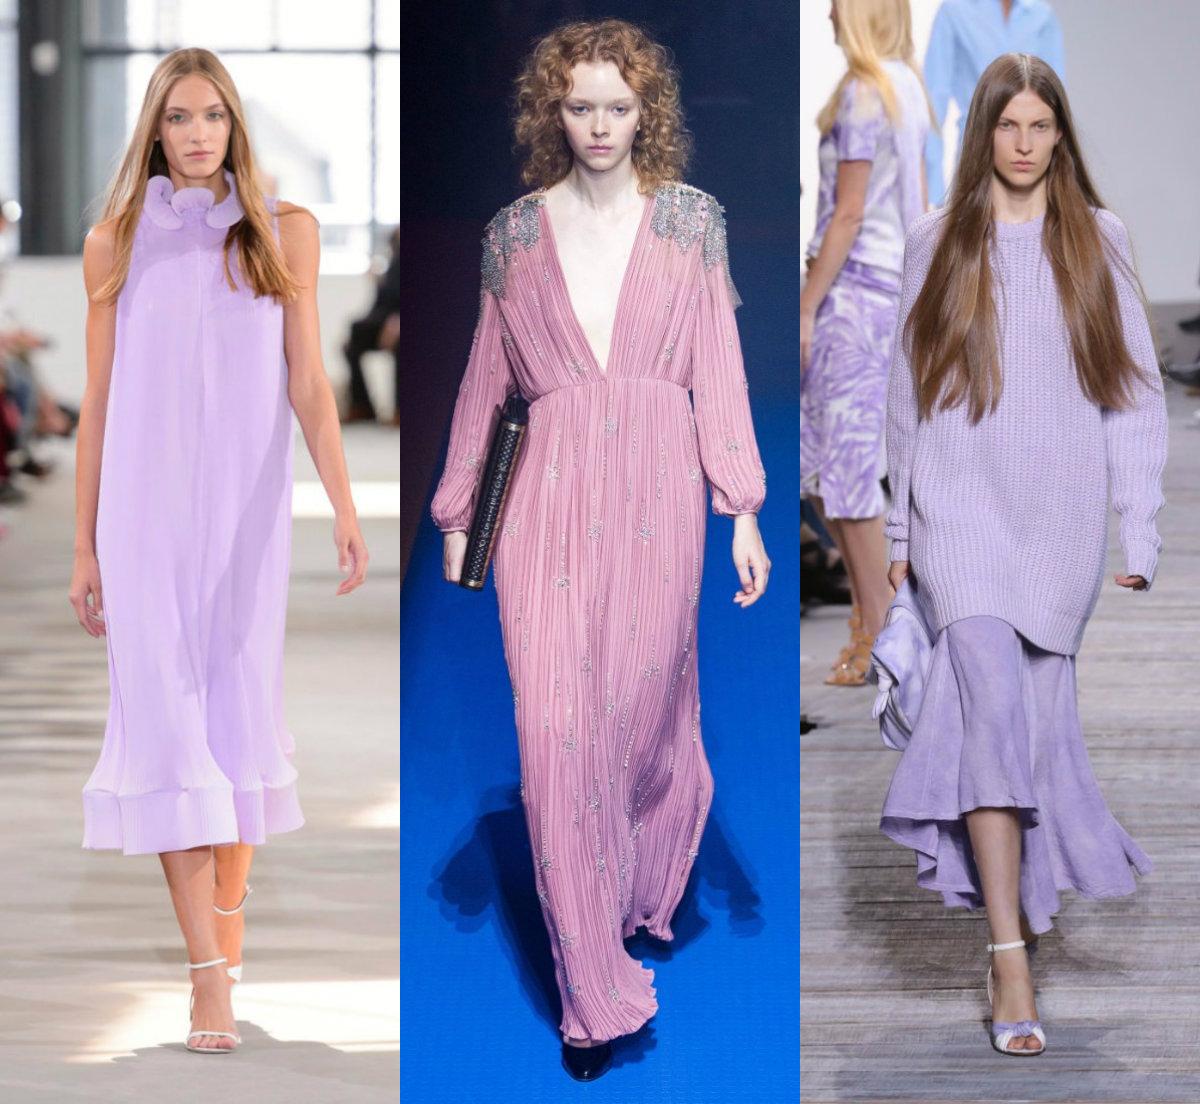 женская мода 2018 : лавандовый и розовый